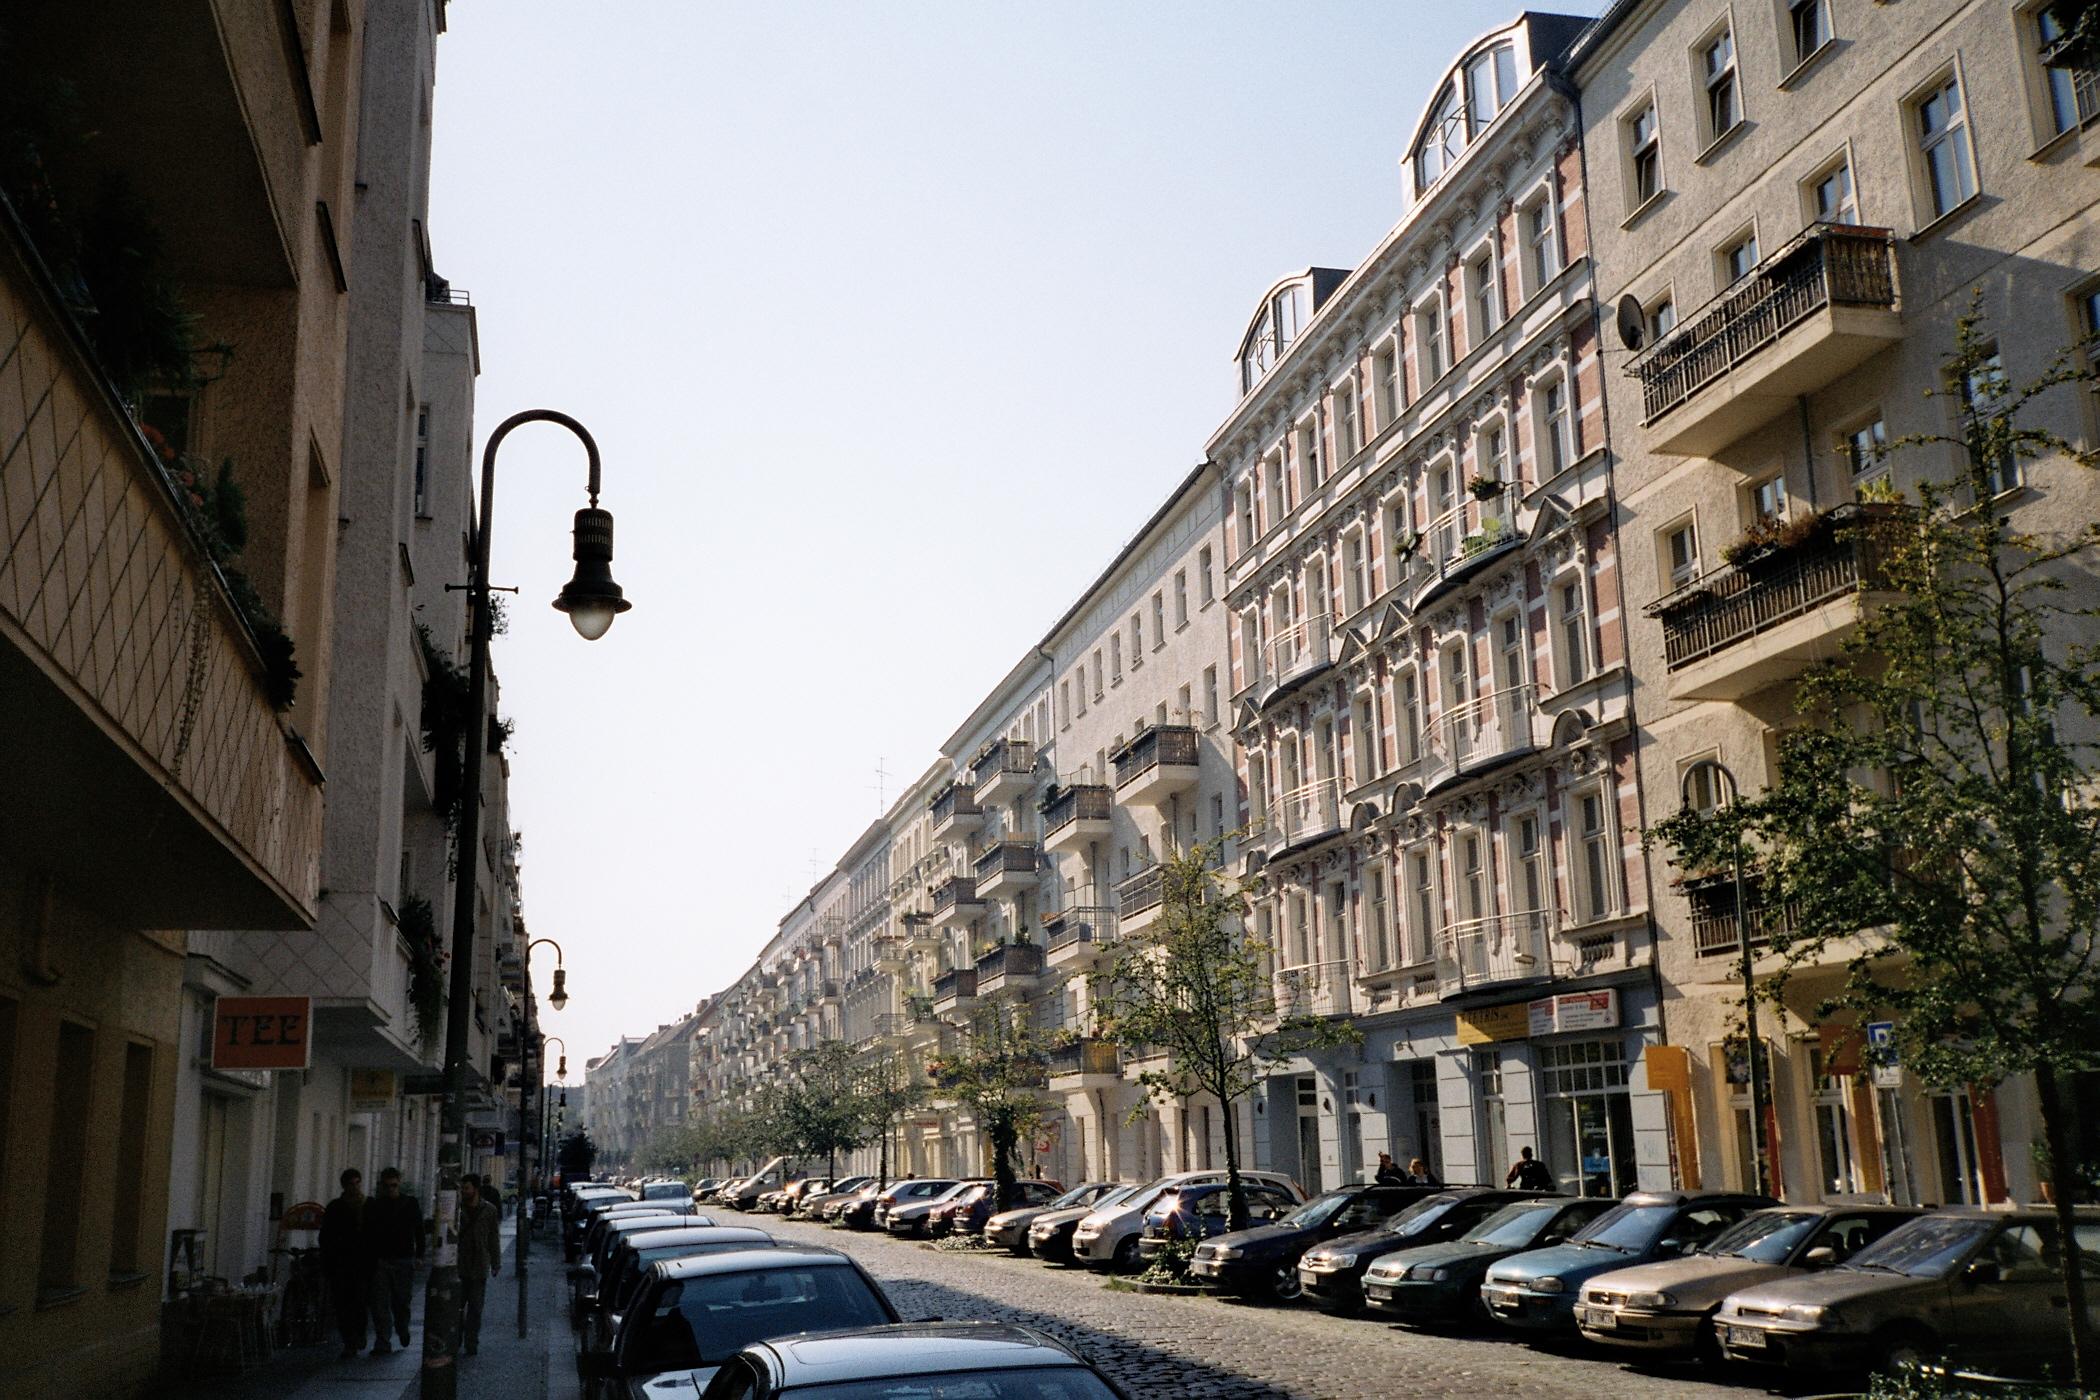 Mainzer Straße Friedrichshain Berlin.jpg